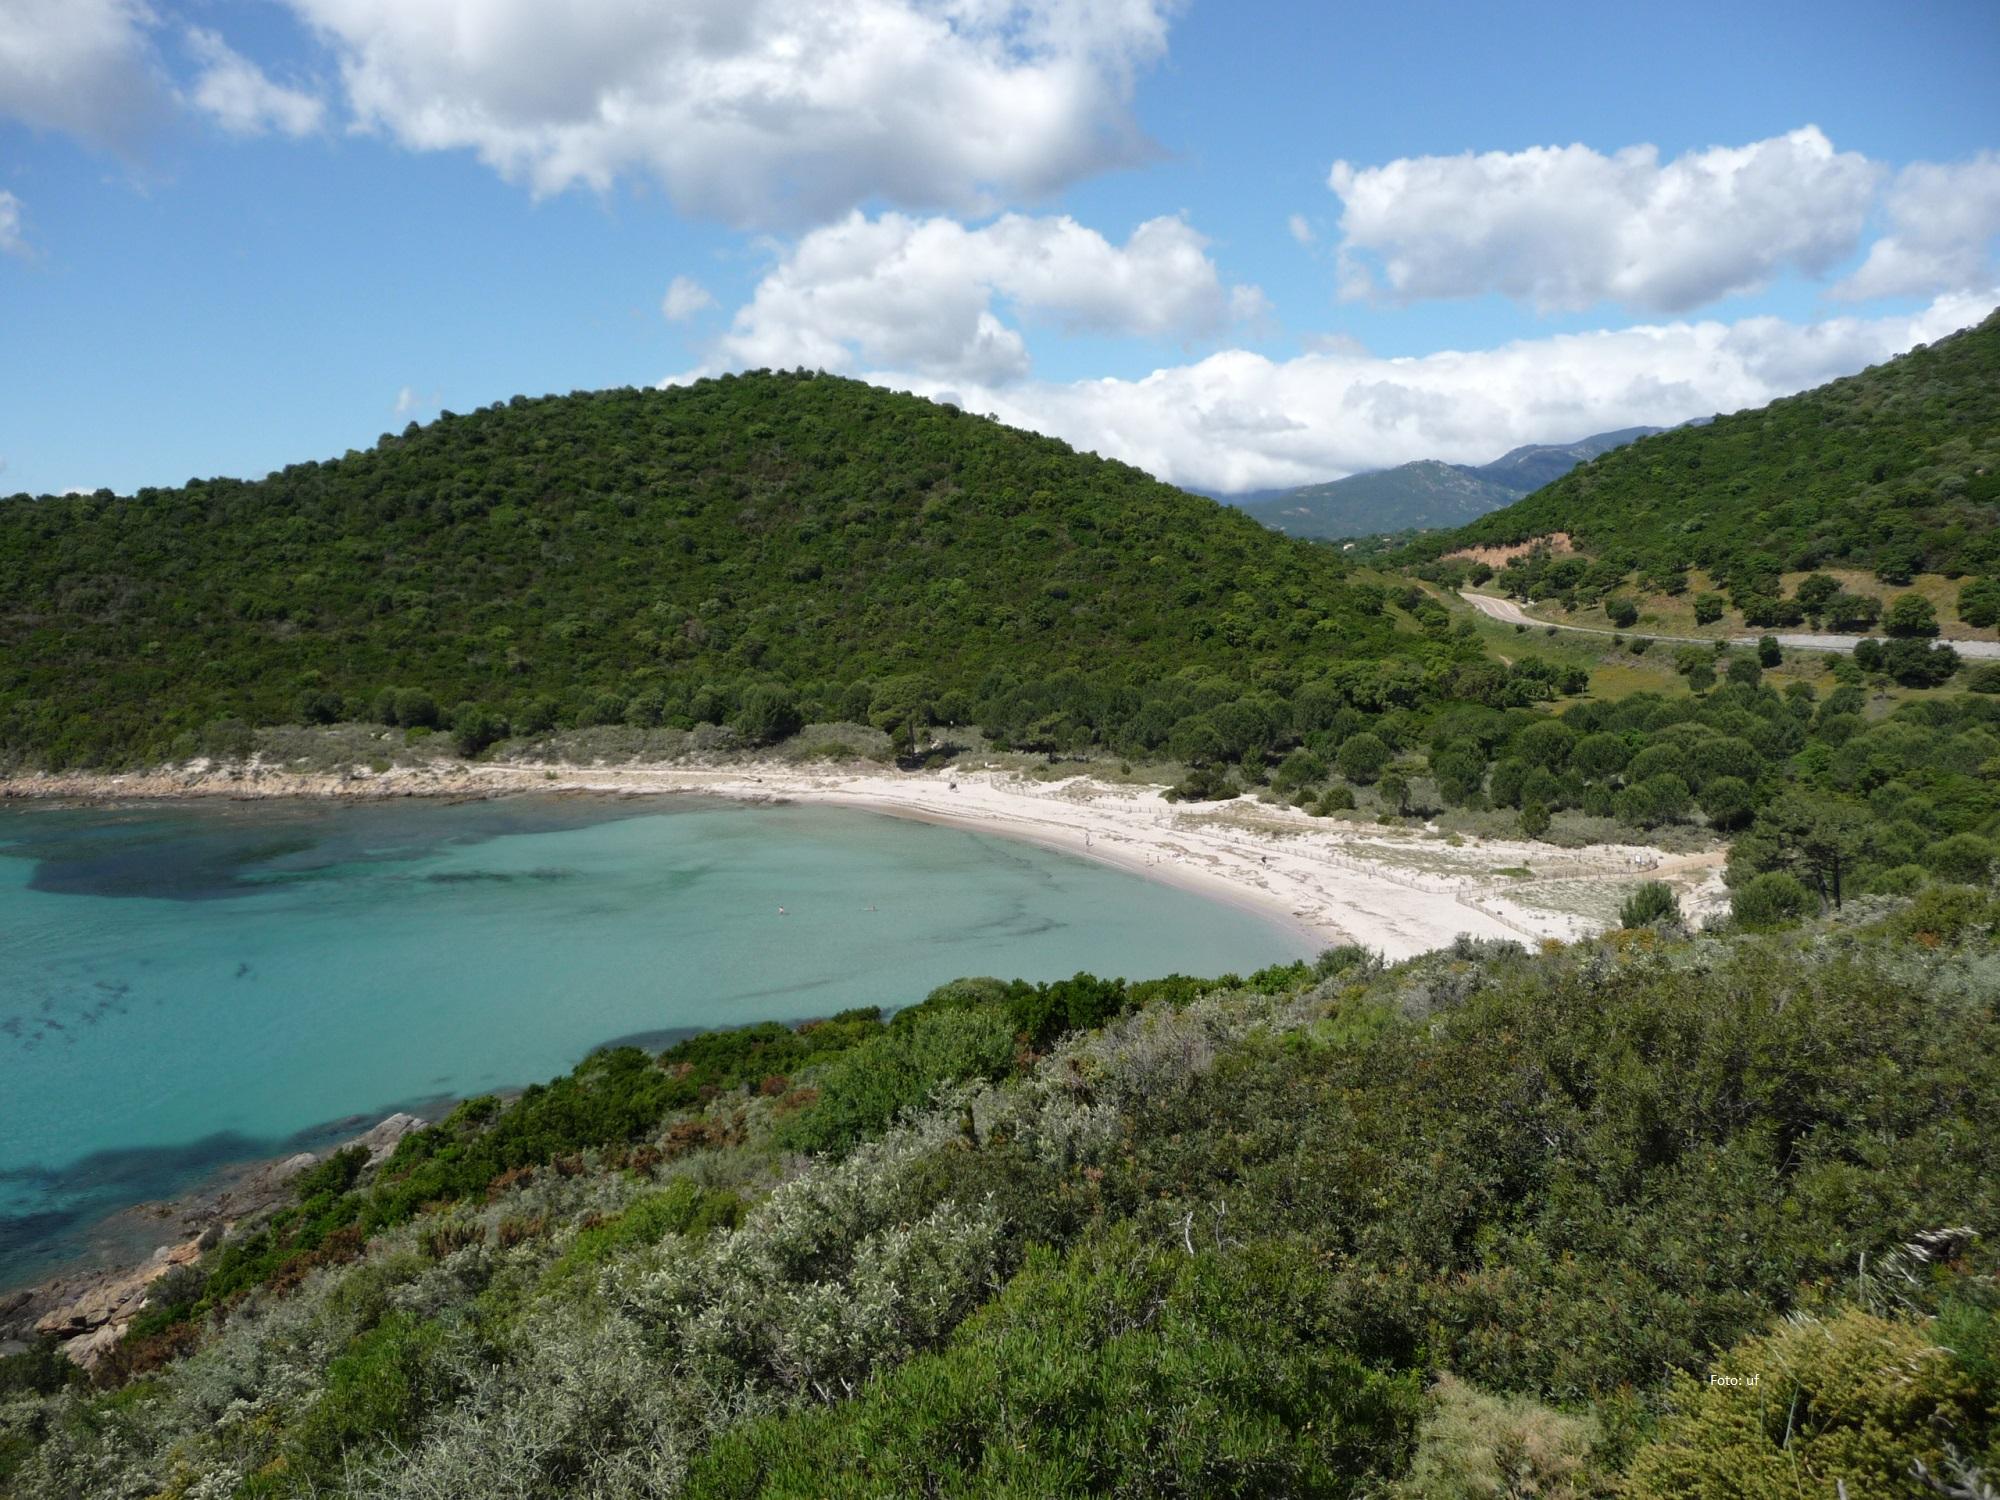 Immer wieder zu finden: herrliche Strandbuchten